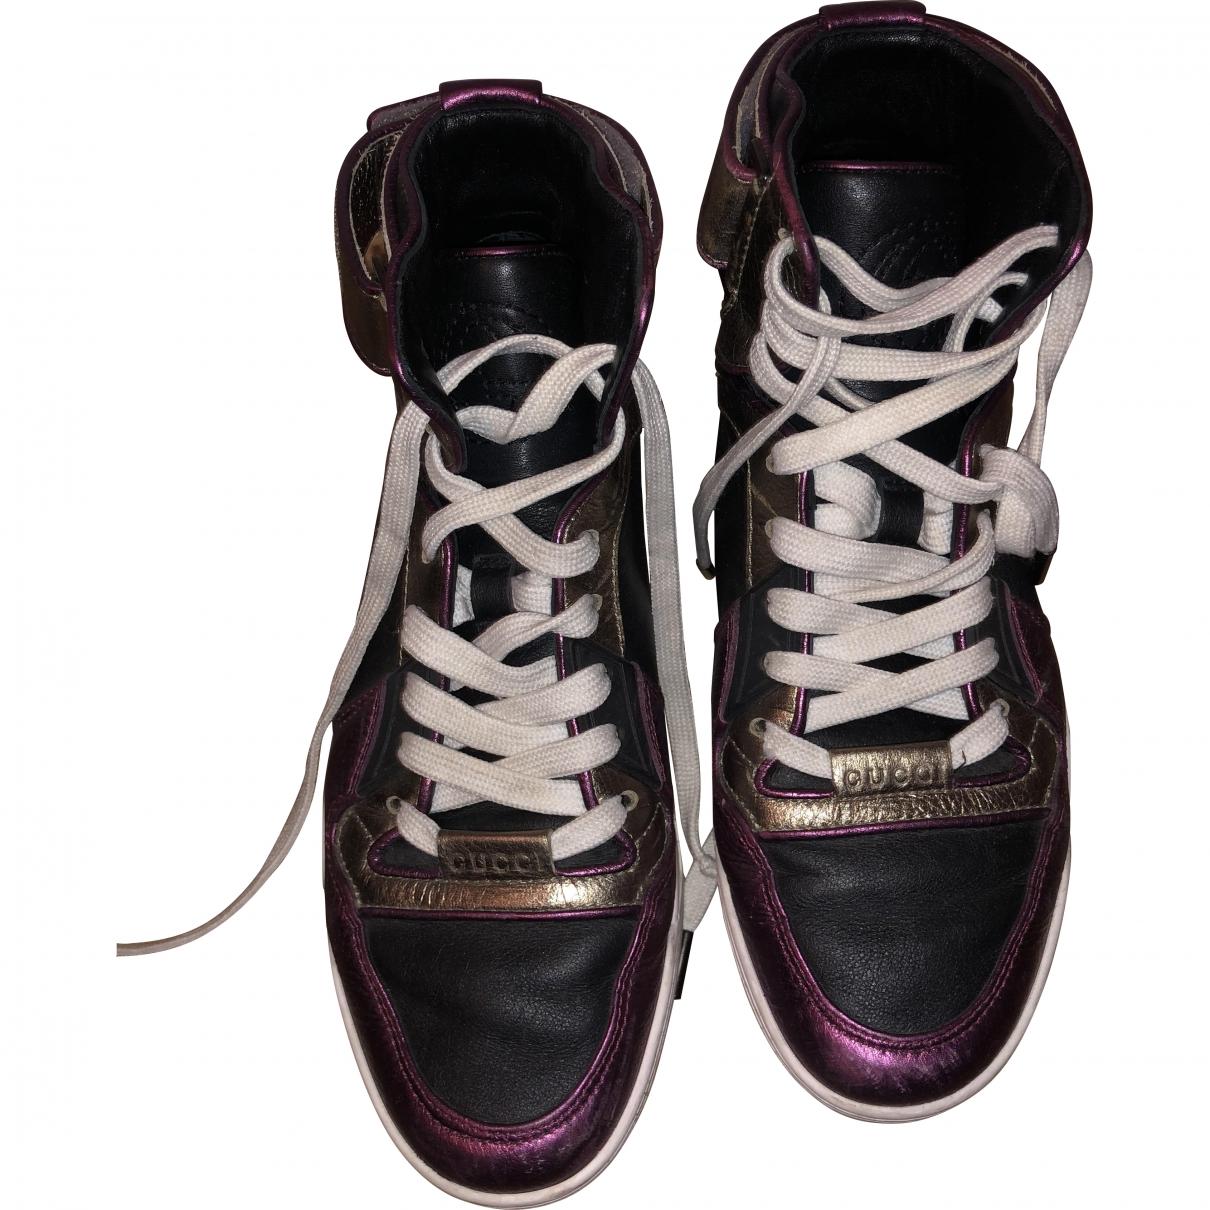 Gucci Gucci Dapper Dan Multicolour Leather Trainers for Women 37.5 EU